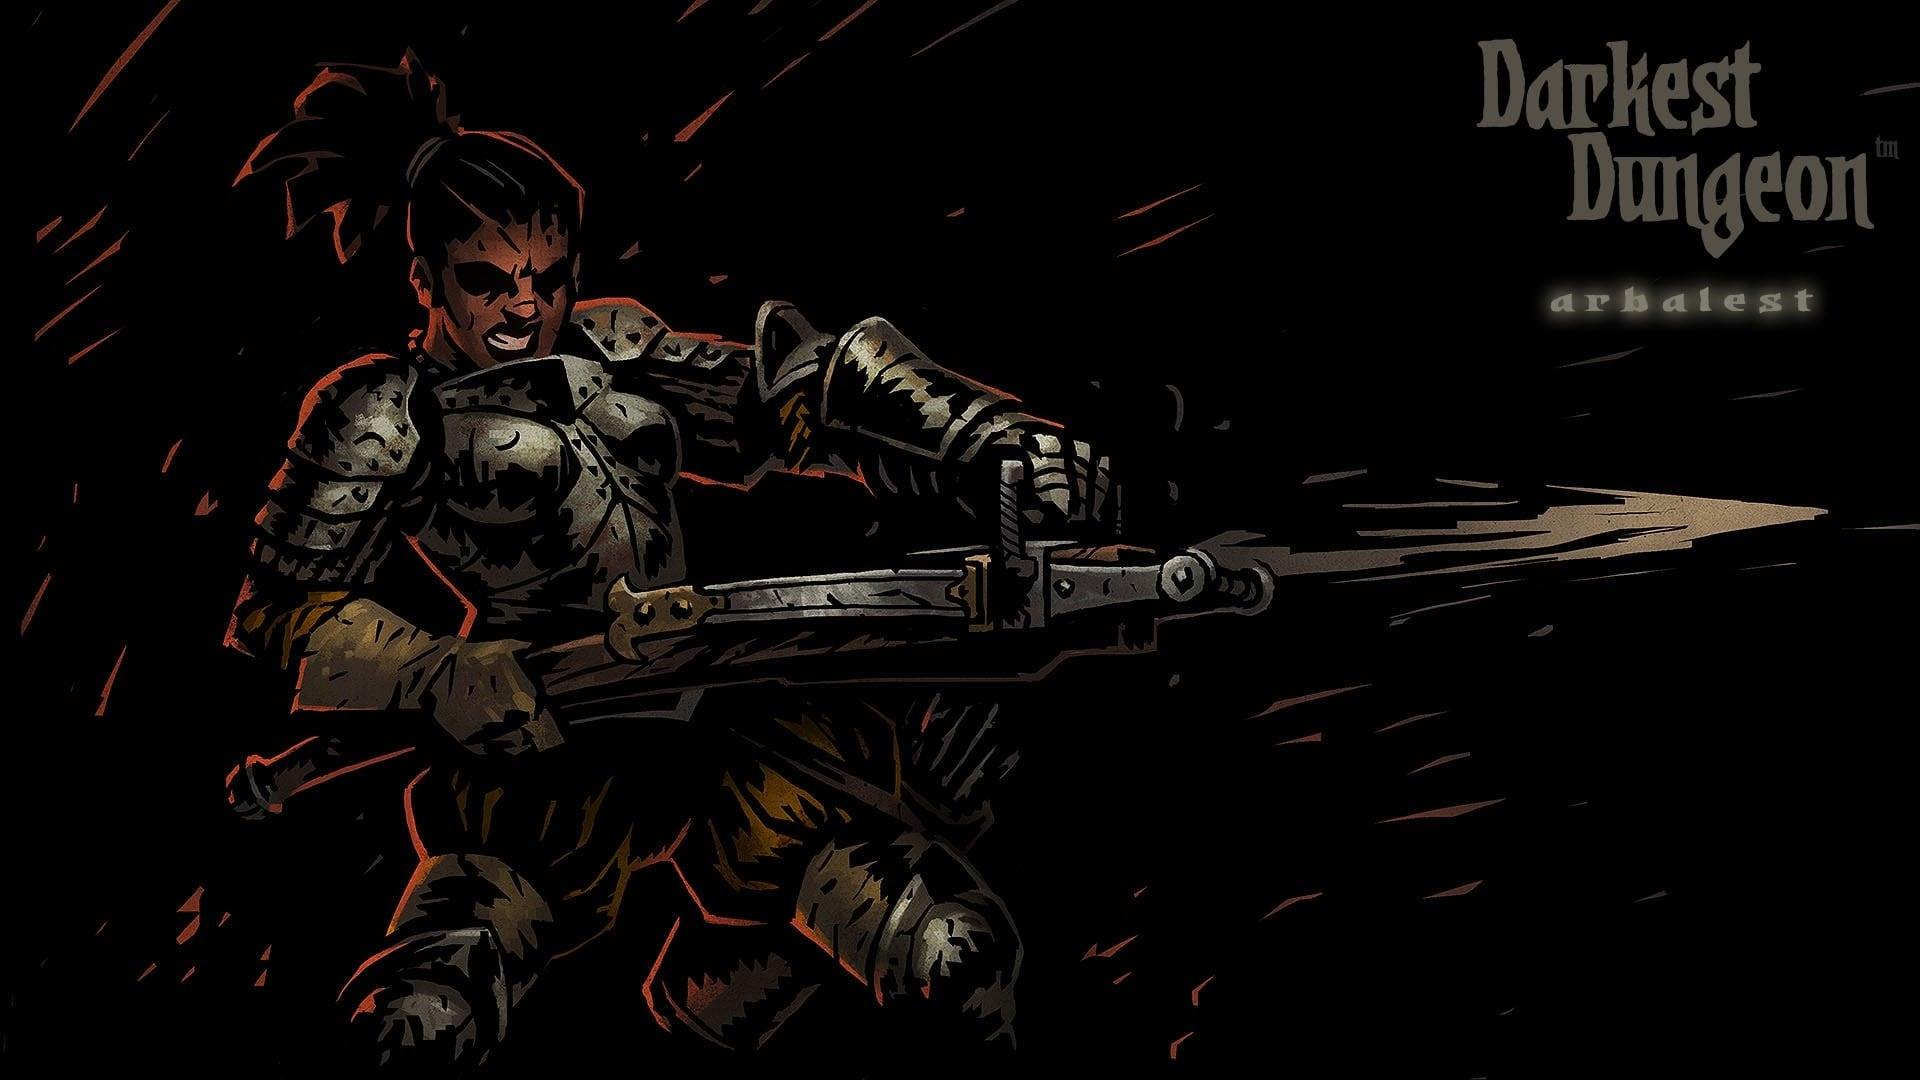 Darkest Dungeon Backgrounds